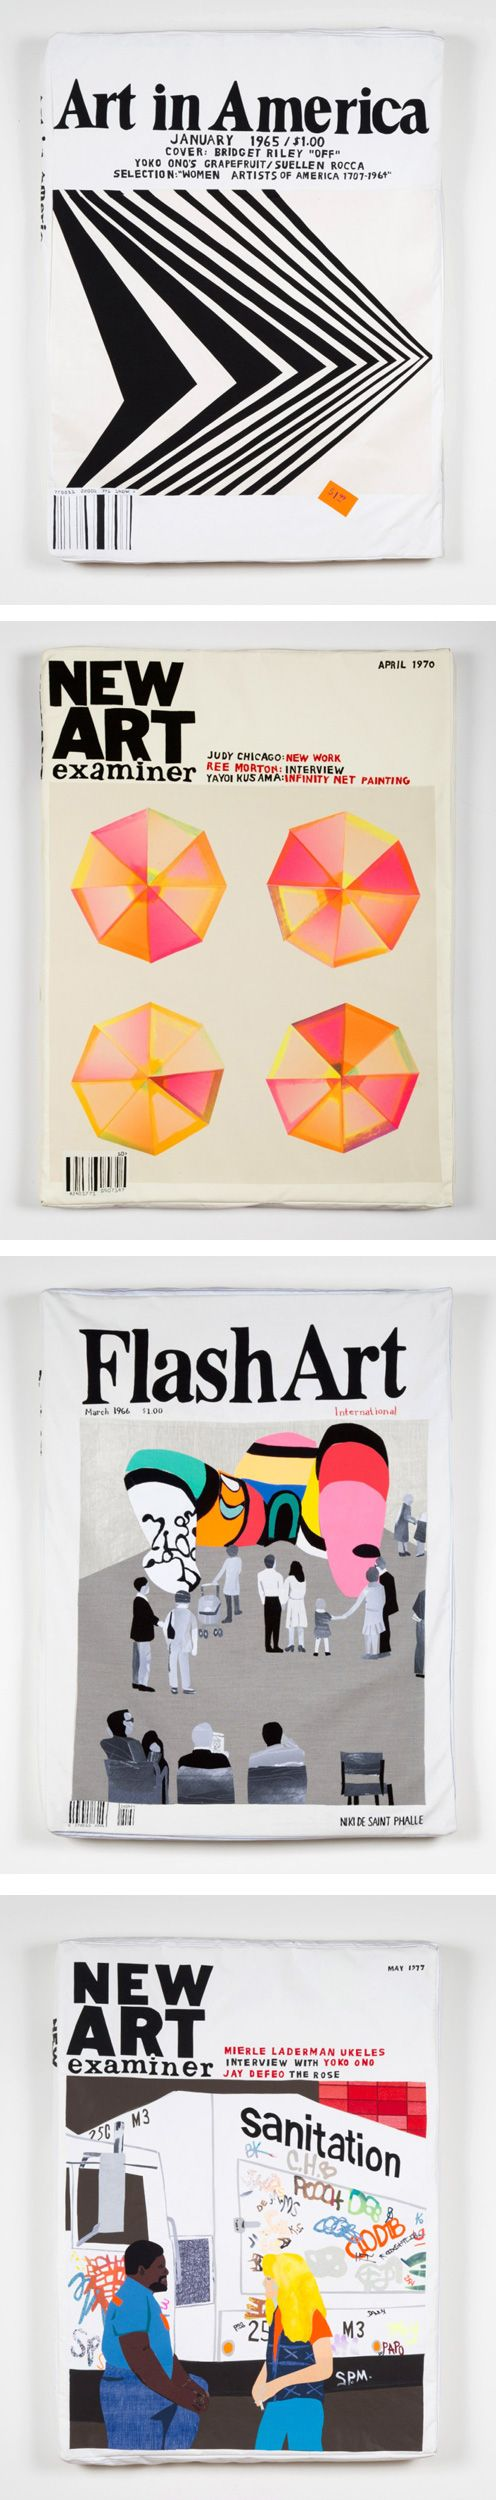 Megan Whitmarsh via http://meganwhitmarsh.com/collections/new-work/